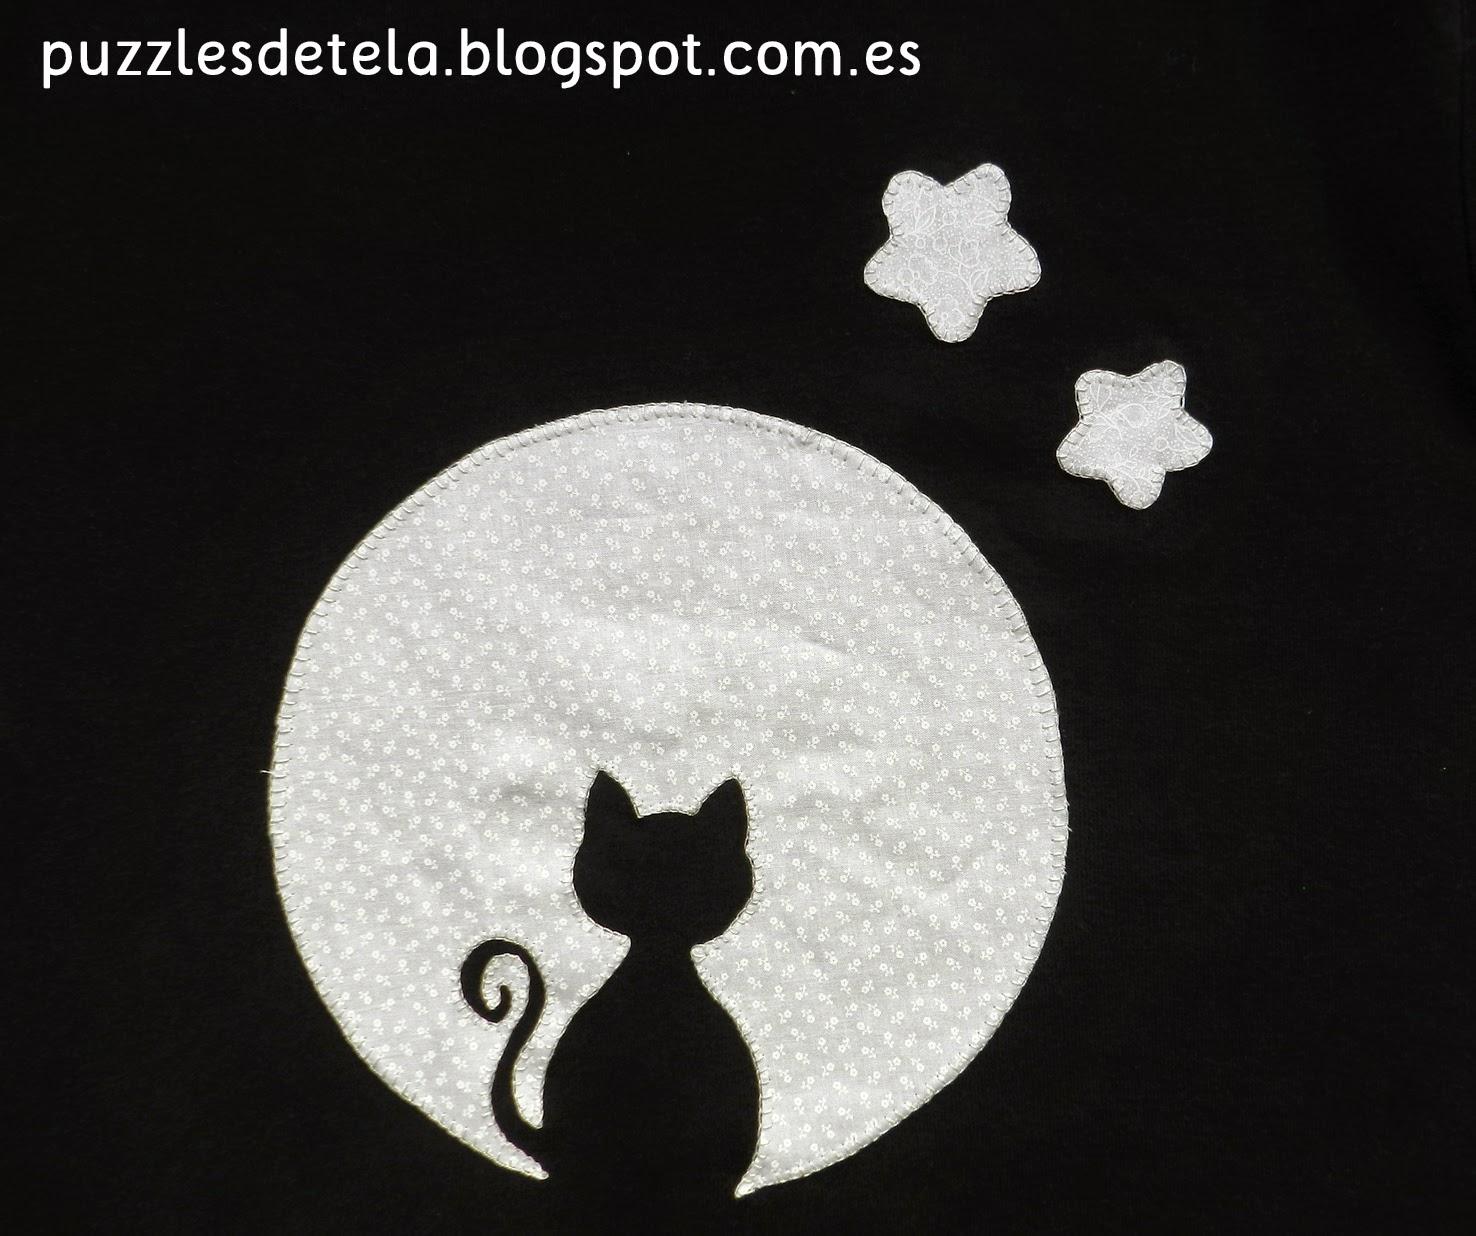 Camiseta patchwork, camiseta con aplicación, camiseta con aplicación de patchwork, camiseta gato y luna, gato, gato mirando la luna halloween.